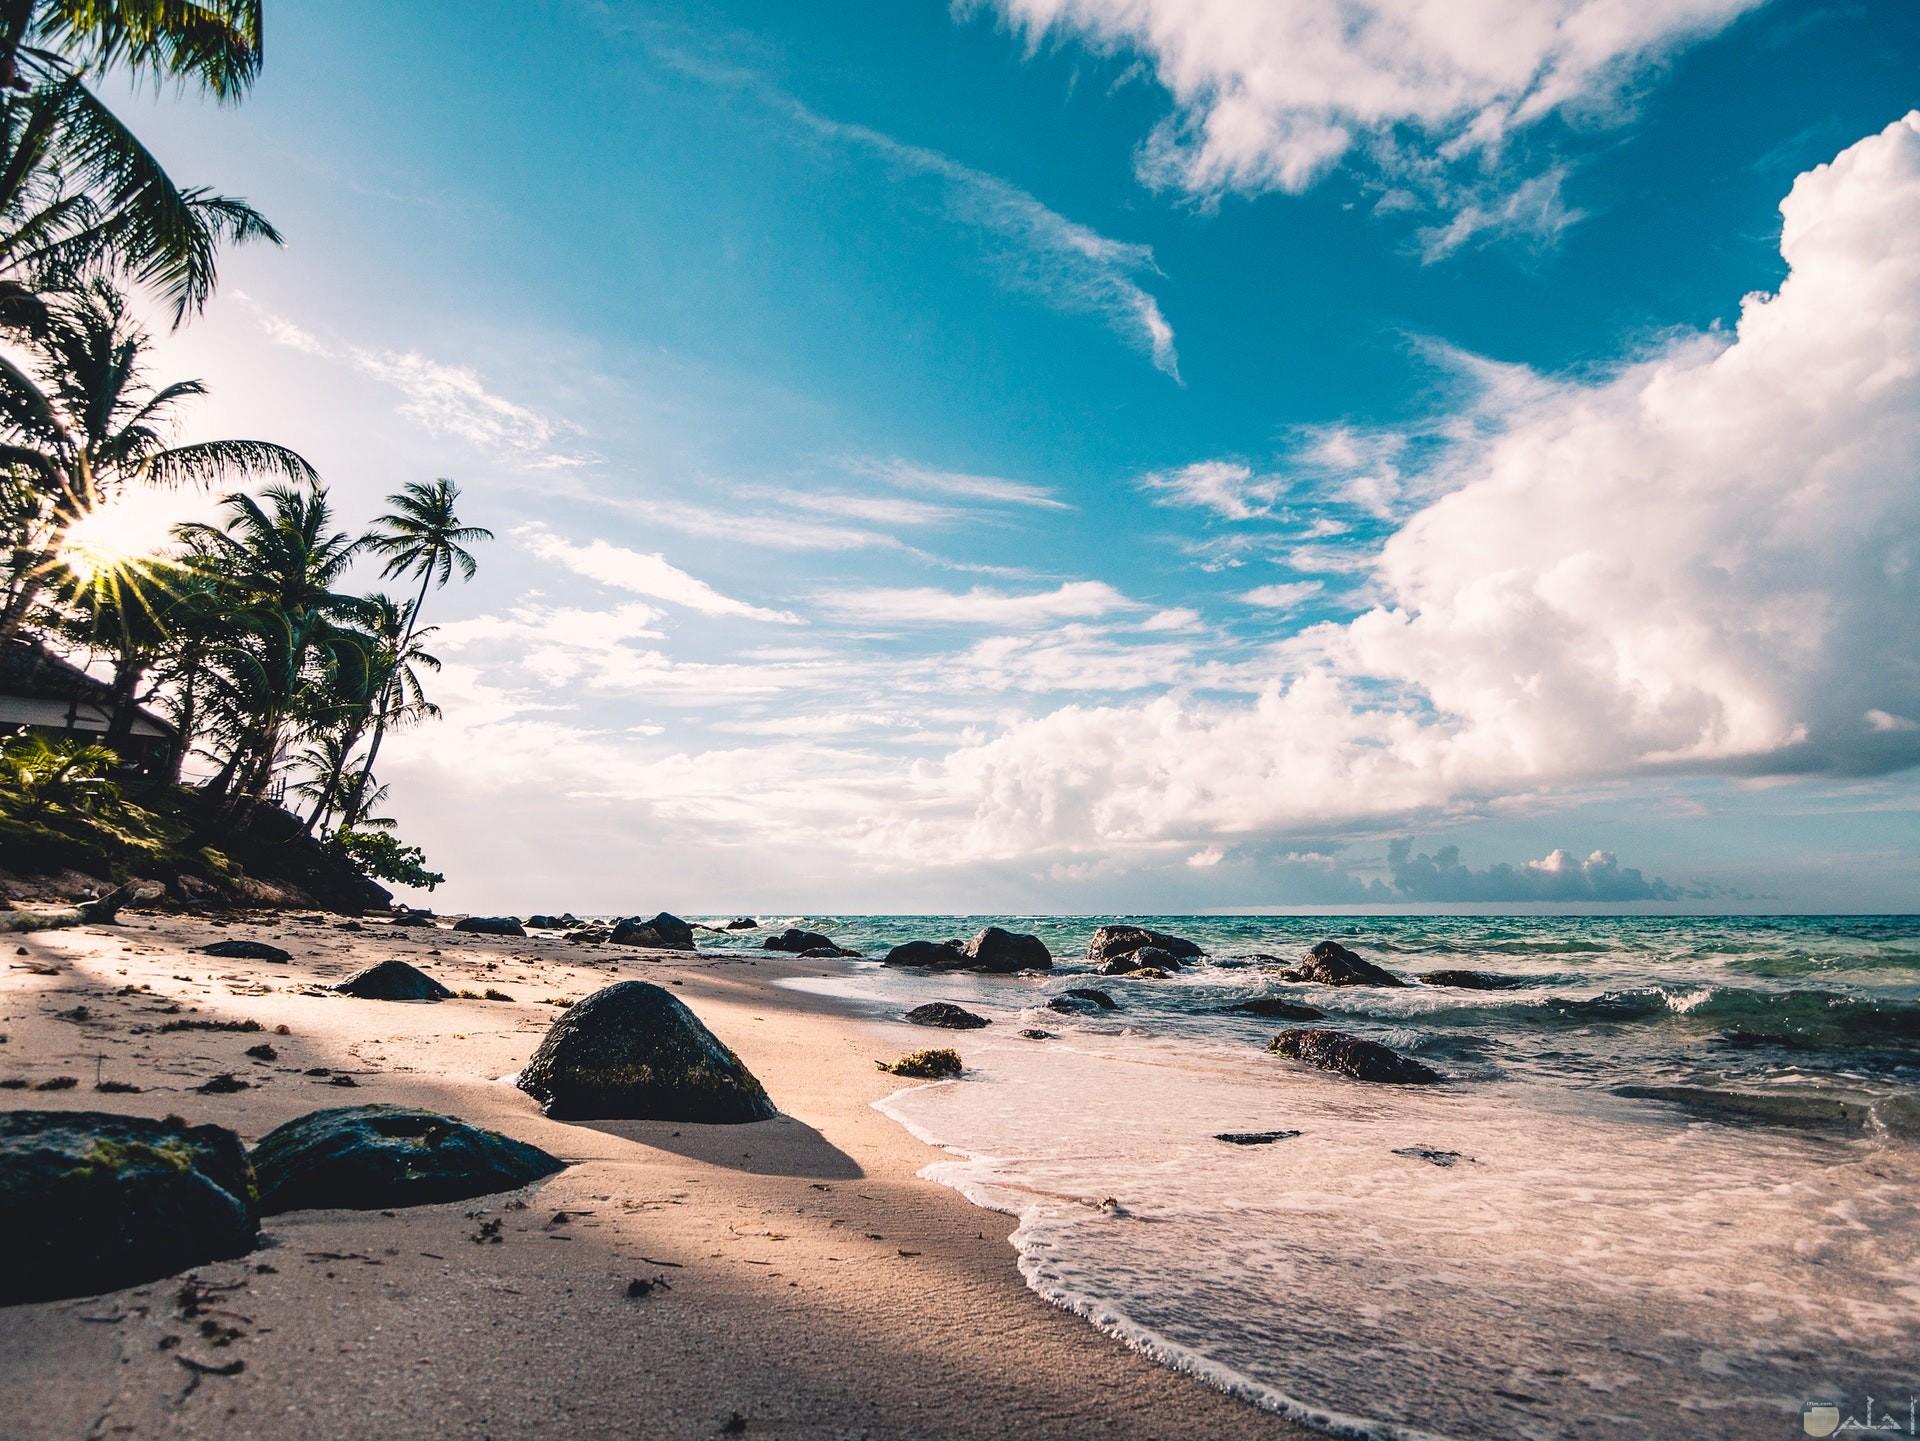 صورة حلوة جدا للبحر والشاطئ والنخل جميلة للفيس بوك